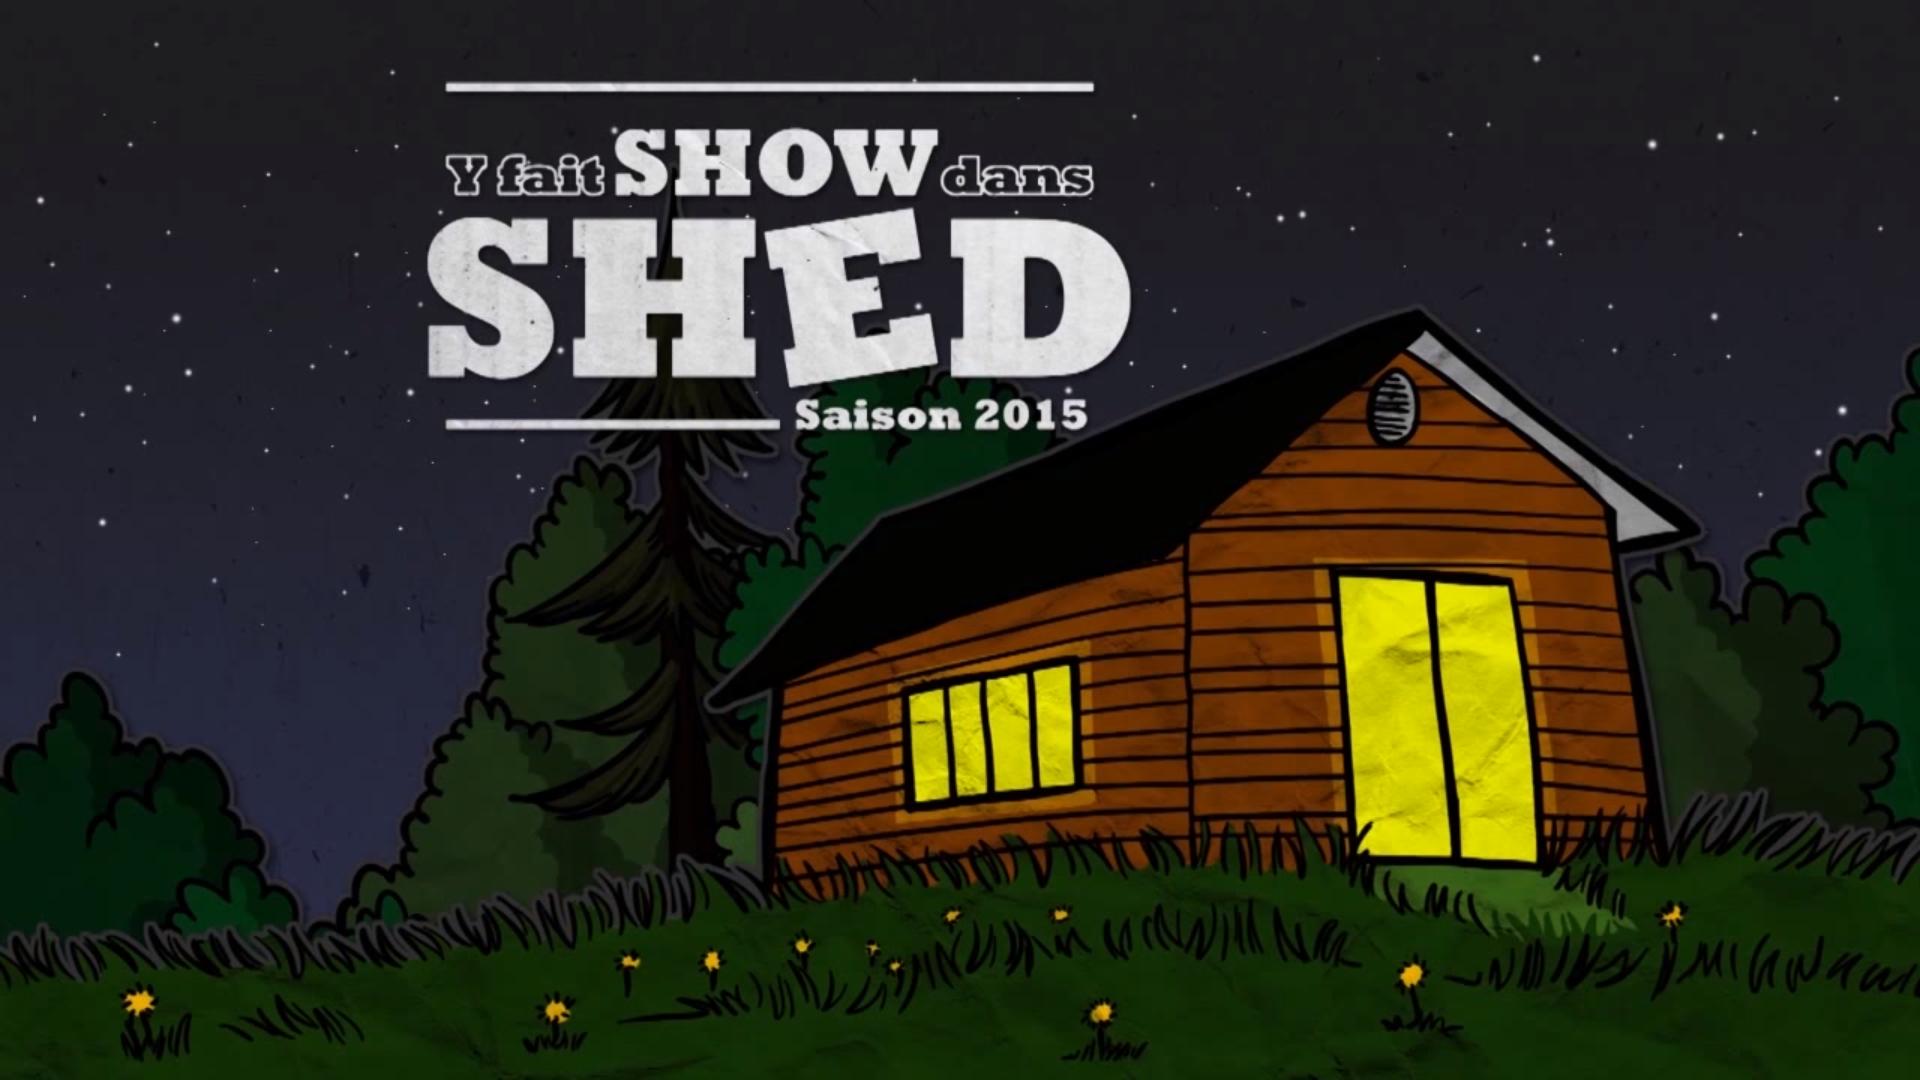 Y fait show dans shed